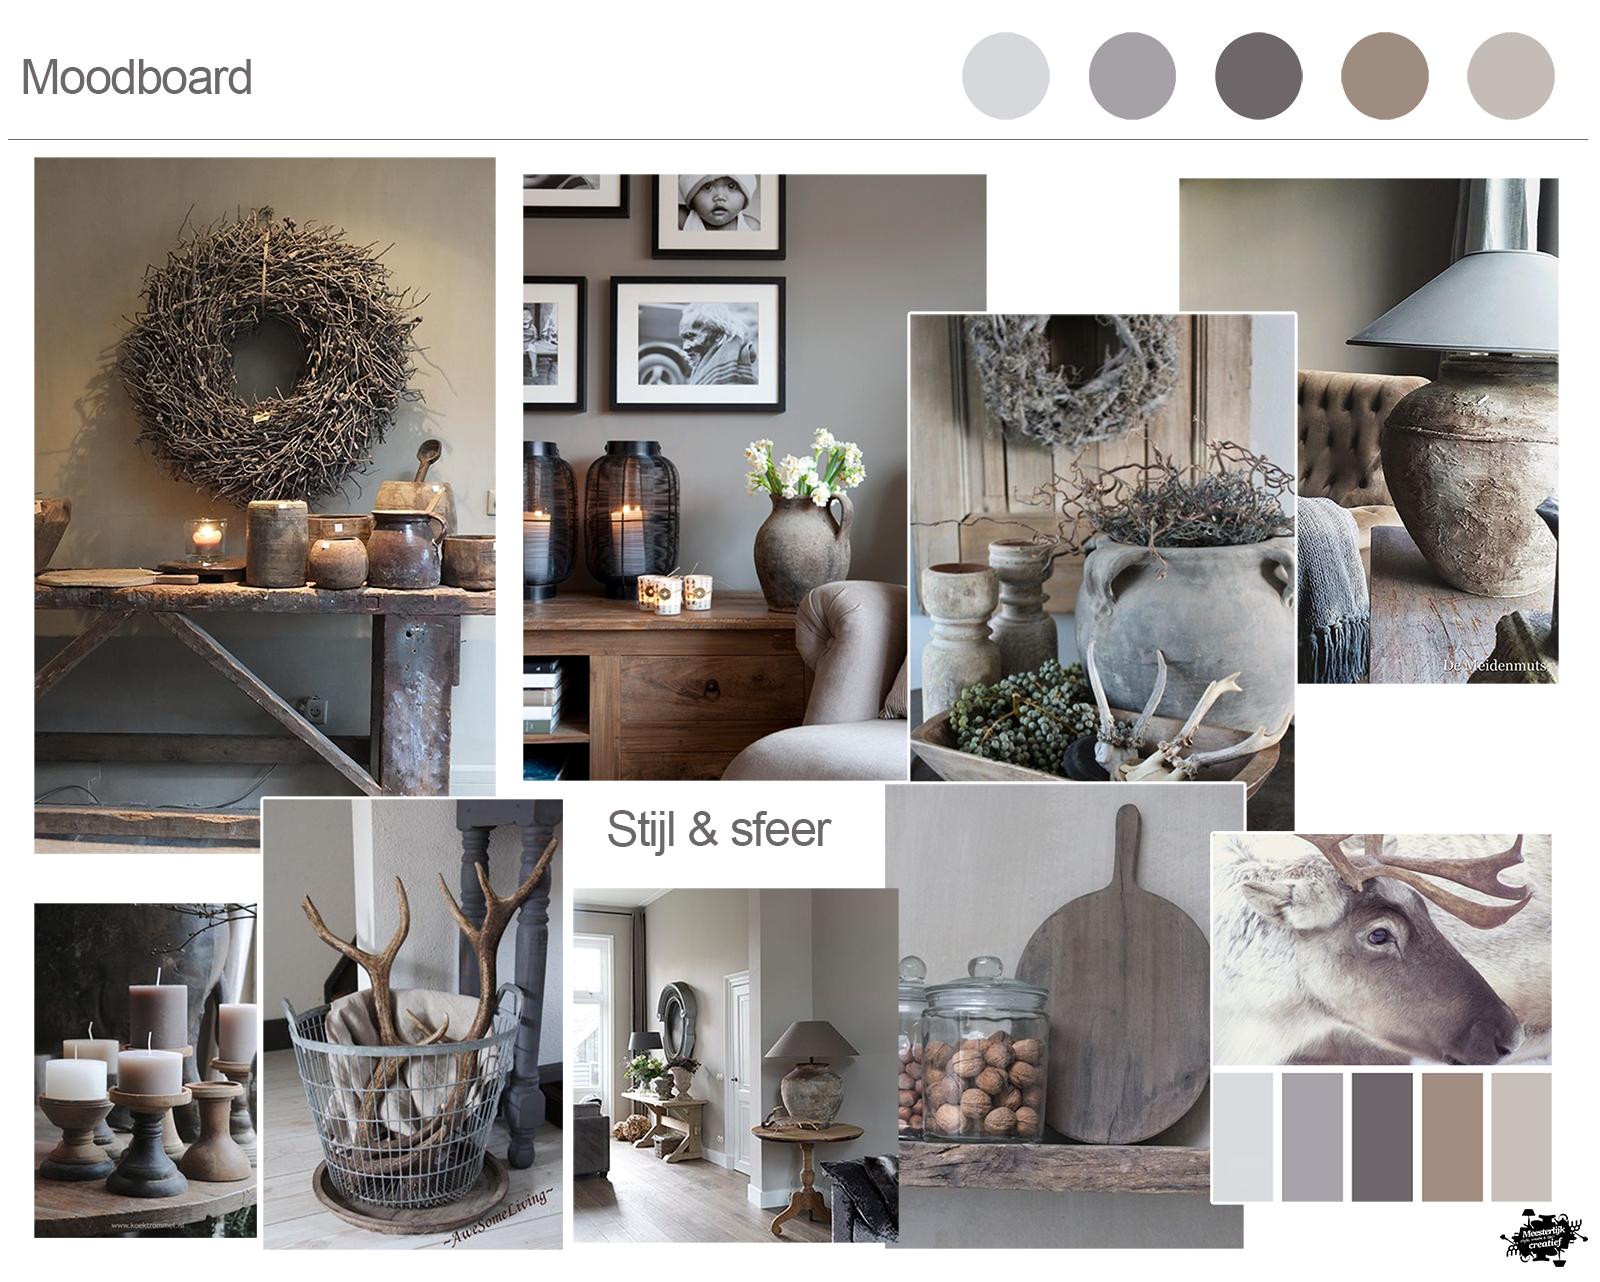 Woonkamer landelijk grijs google zoeken woonkamer for Kleuren woonkamer landelijk